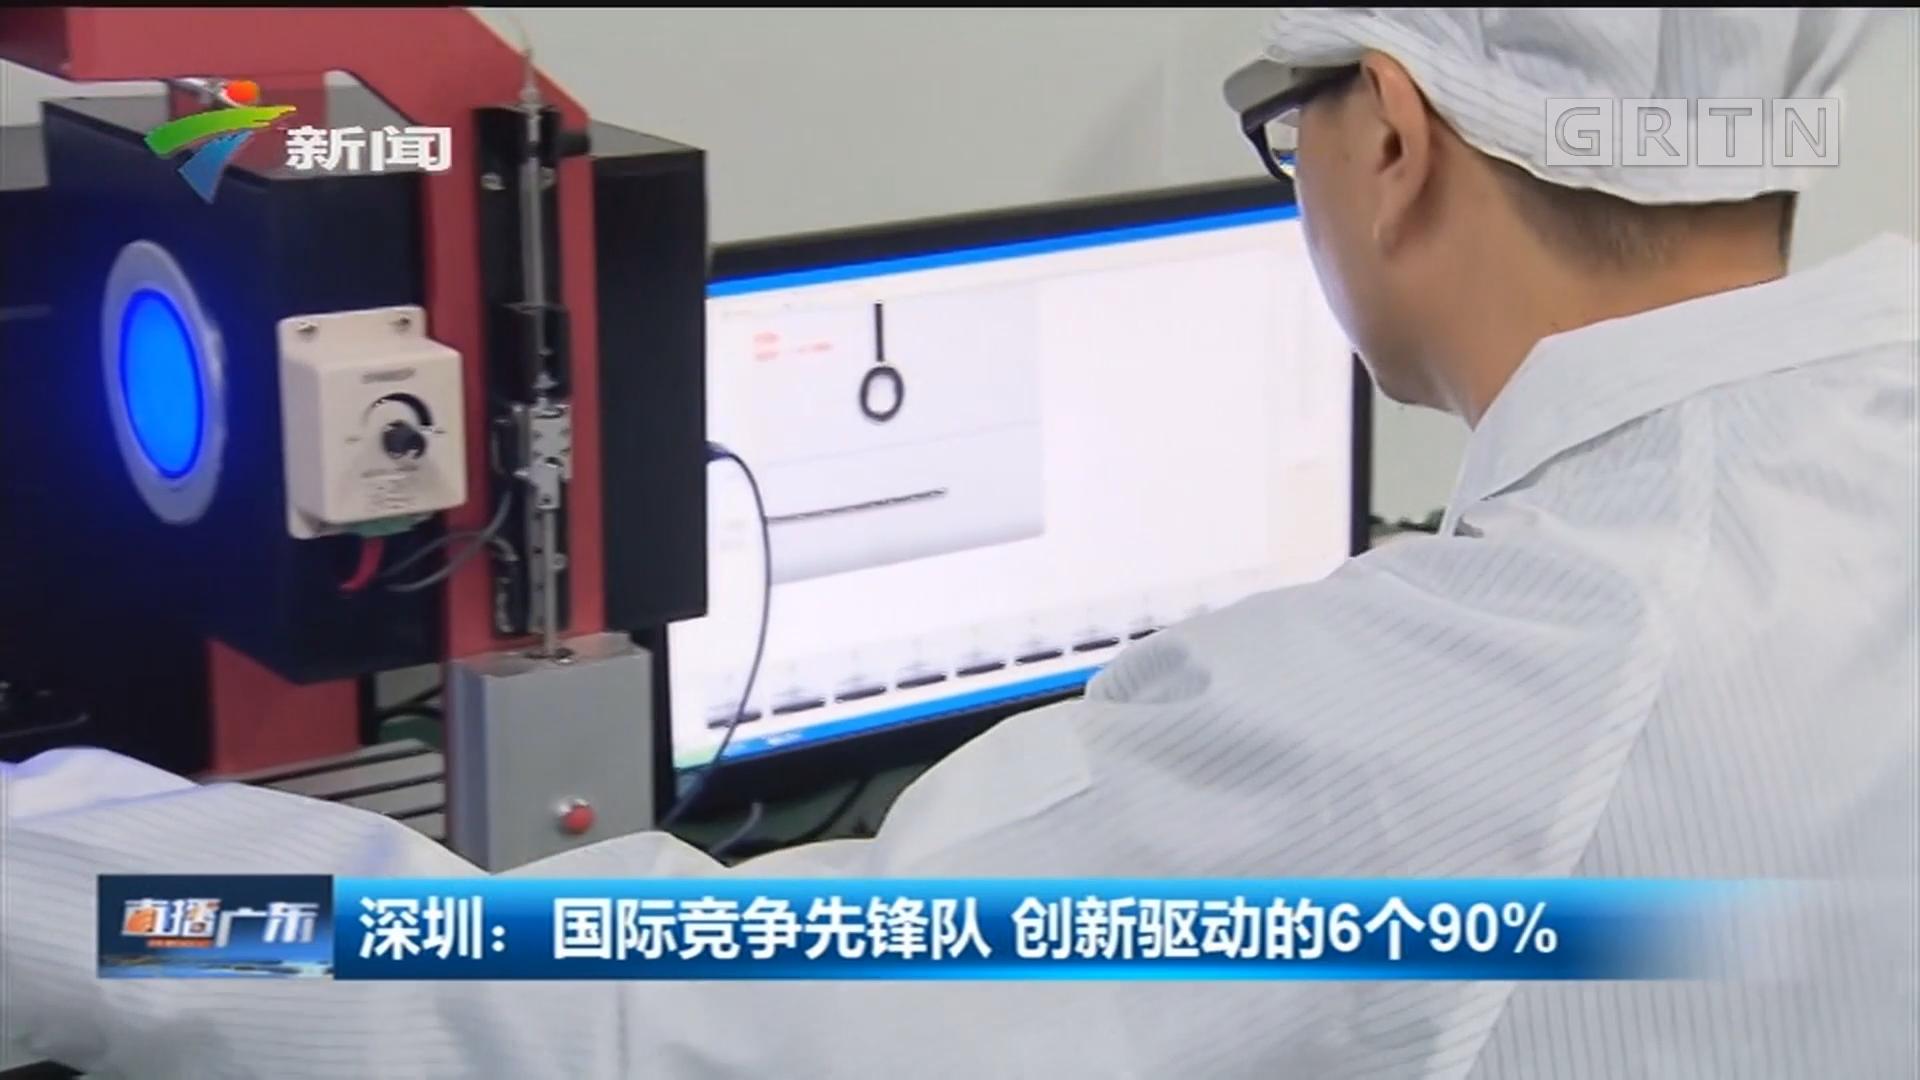 深圳:国际竞争先锋队 创新驱动的6个90%